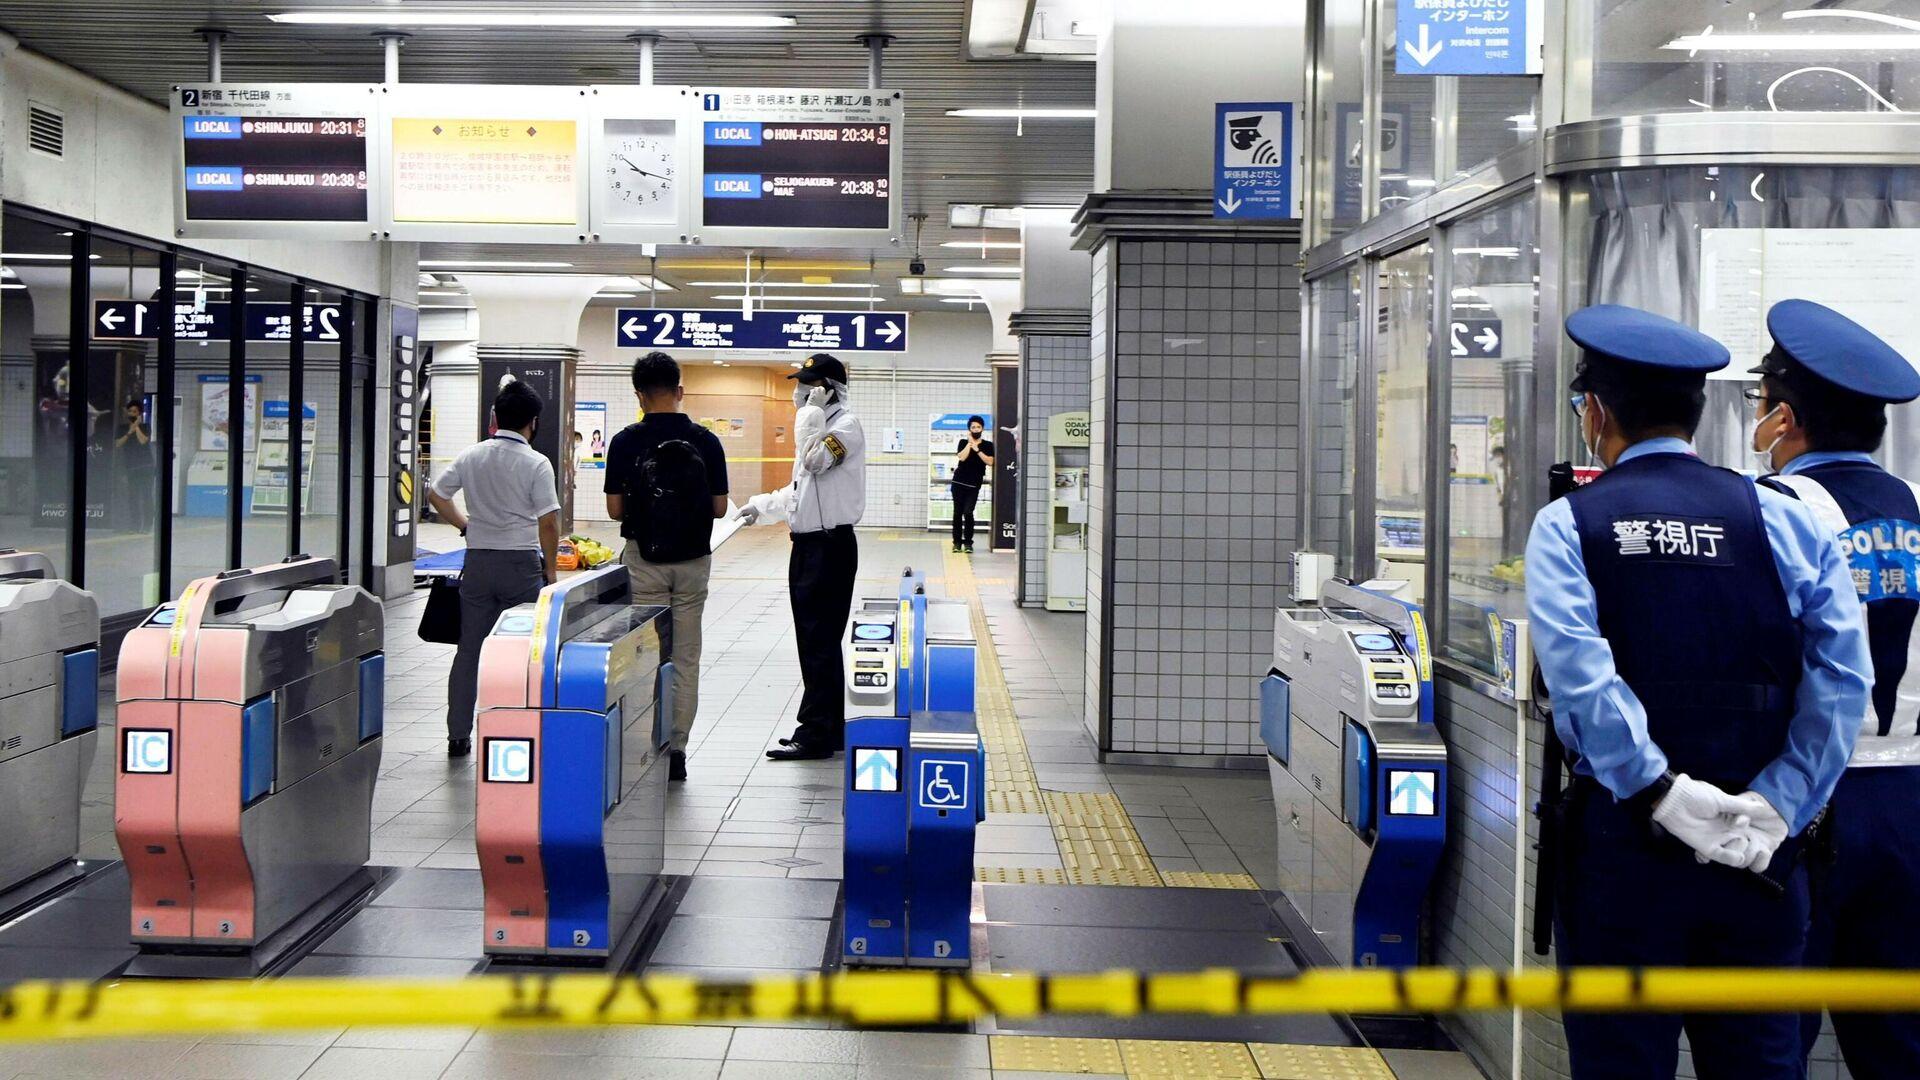 Japanska policija u tokijskom metrou posle napada u vozu - Sputnik Srbija, 1920, 07.08.2021